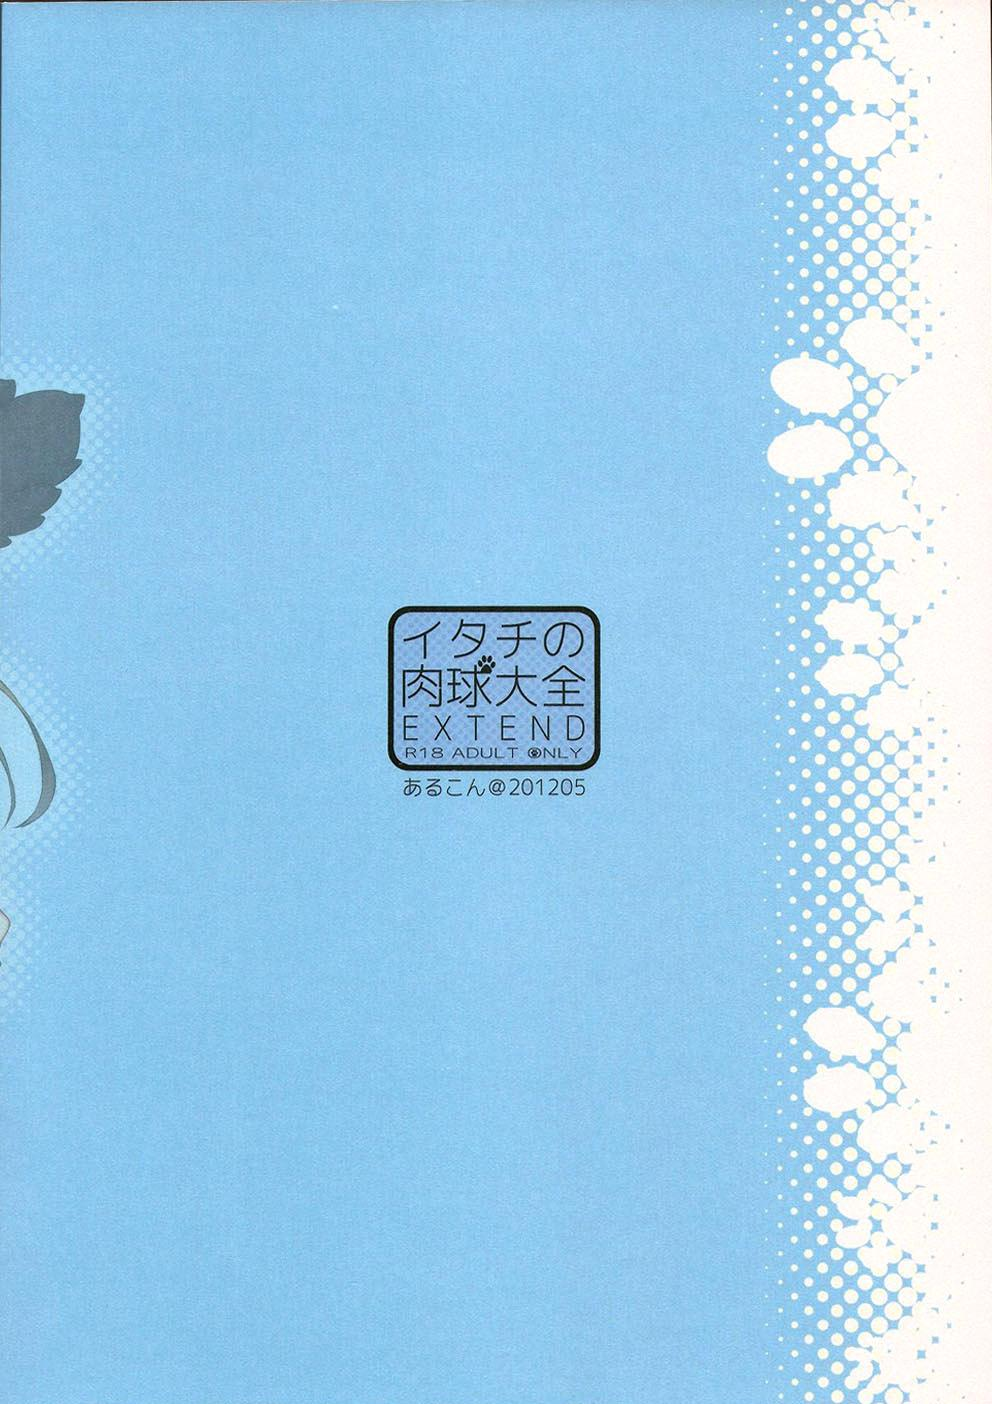 Itachi no Nikukyuu Taizen EXTEND | Itachi's Paw Collection Extend 33